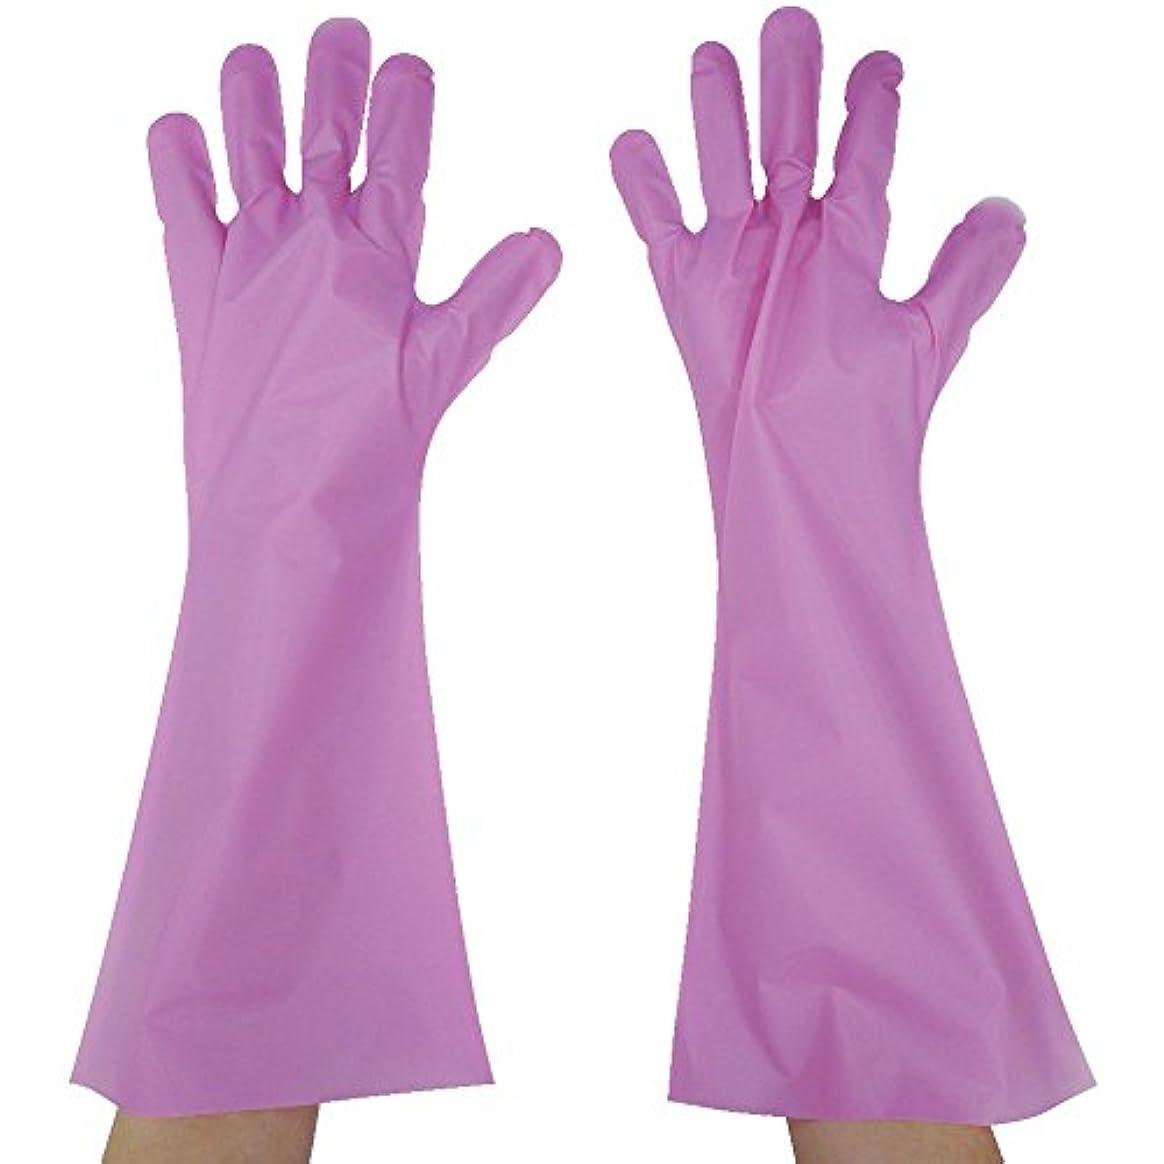 吸収剤患者むちゃくちゃ東京パック エンボス手袋ロング五本絞り ピンク L PL45L ポリエチレン使い捨て手袋